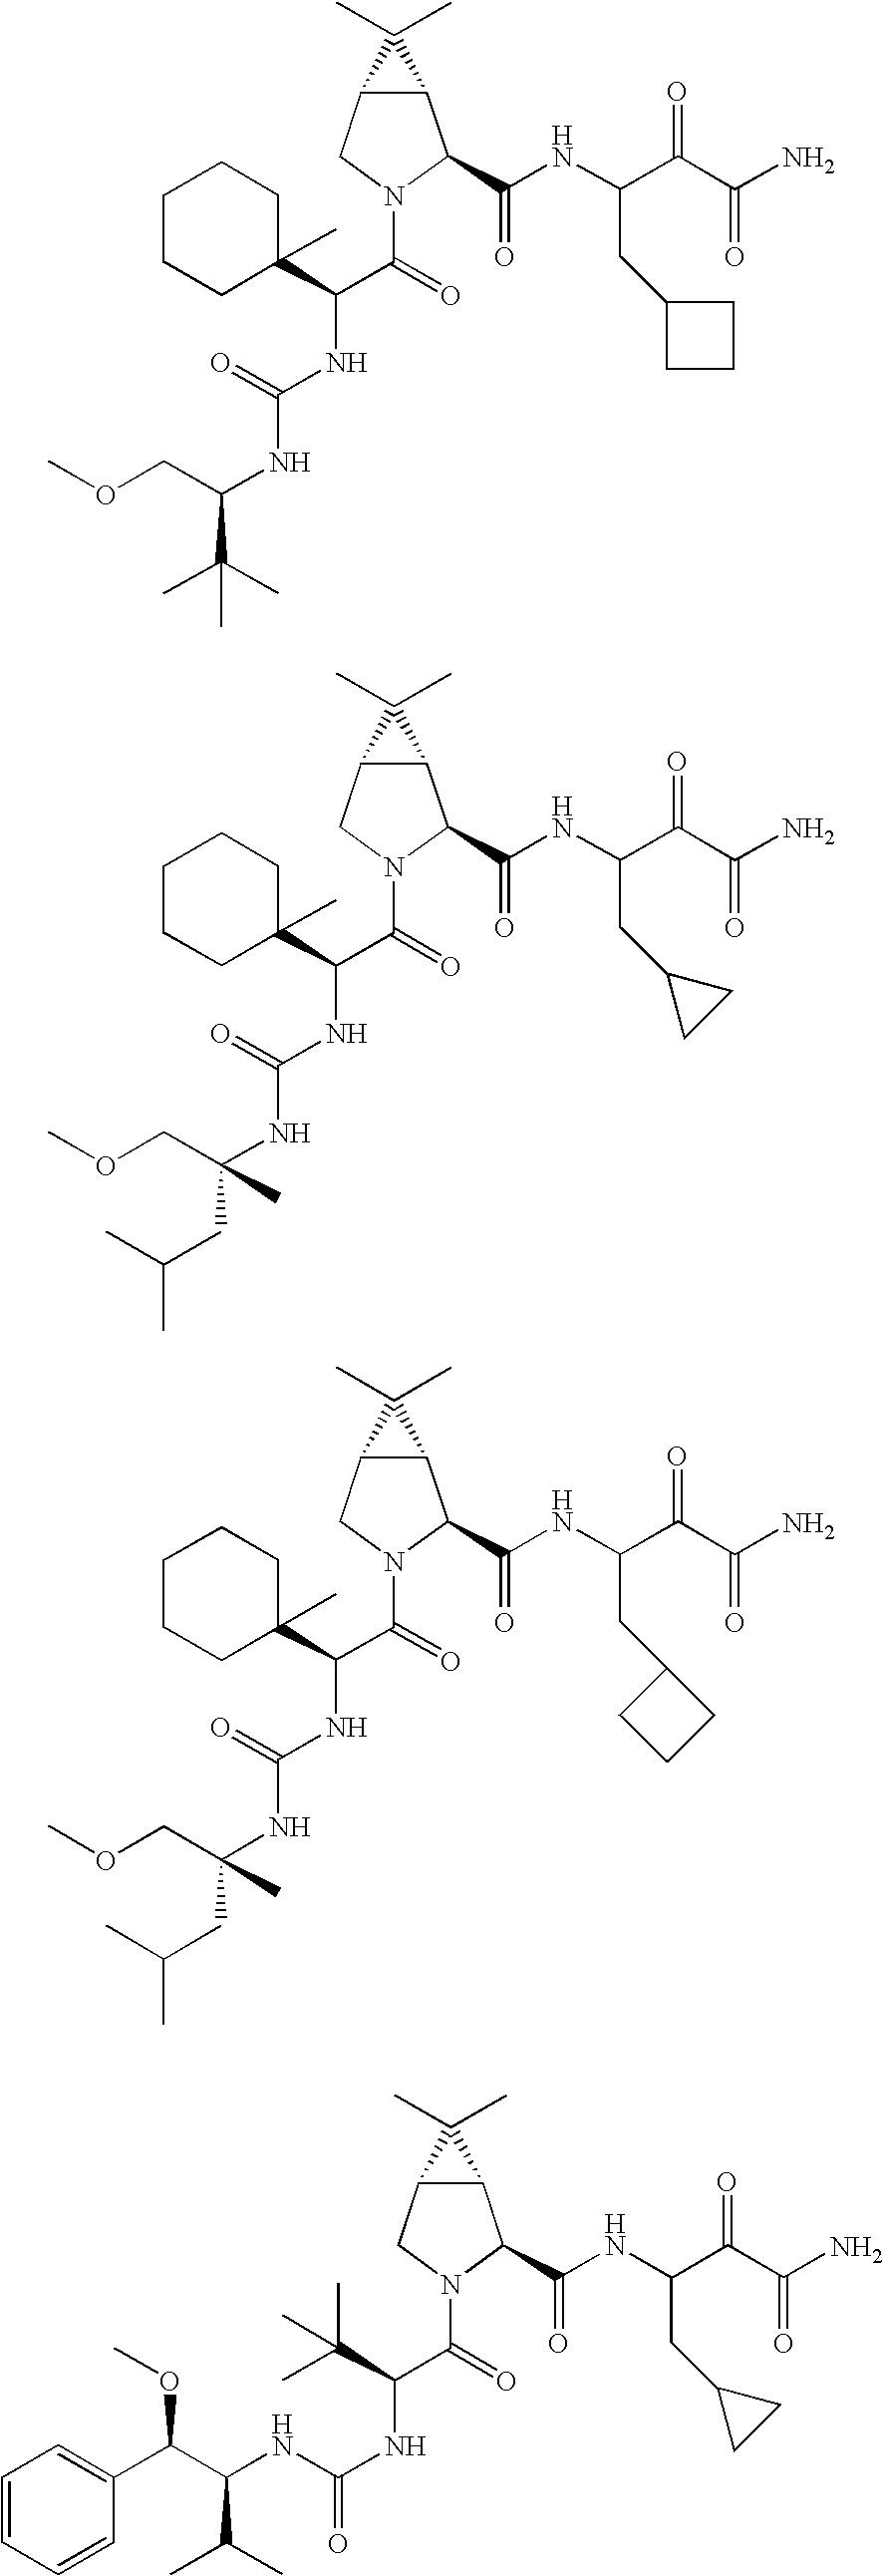 Figure US20060287248A1-20061221-C00357